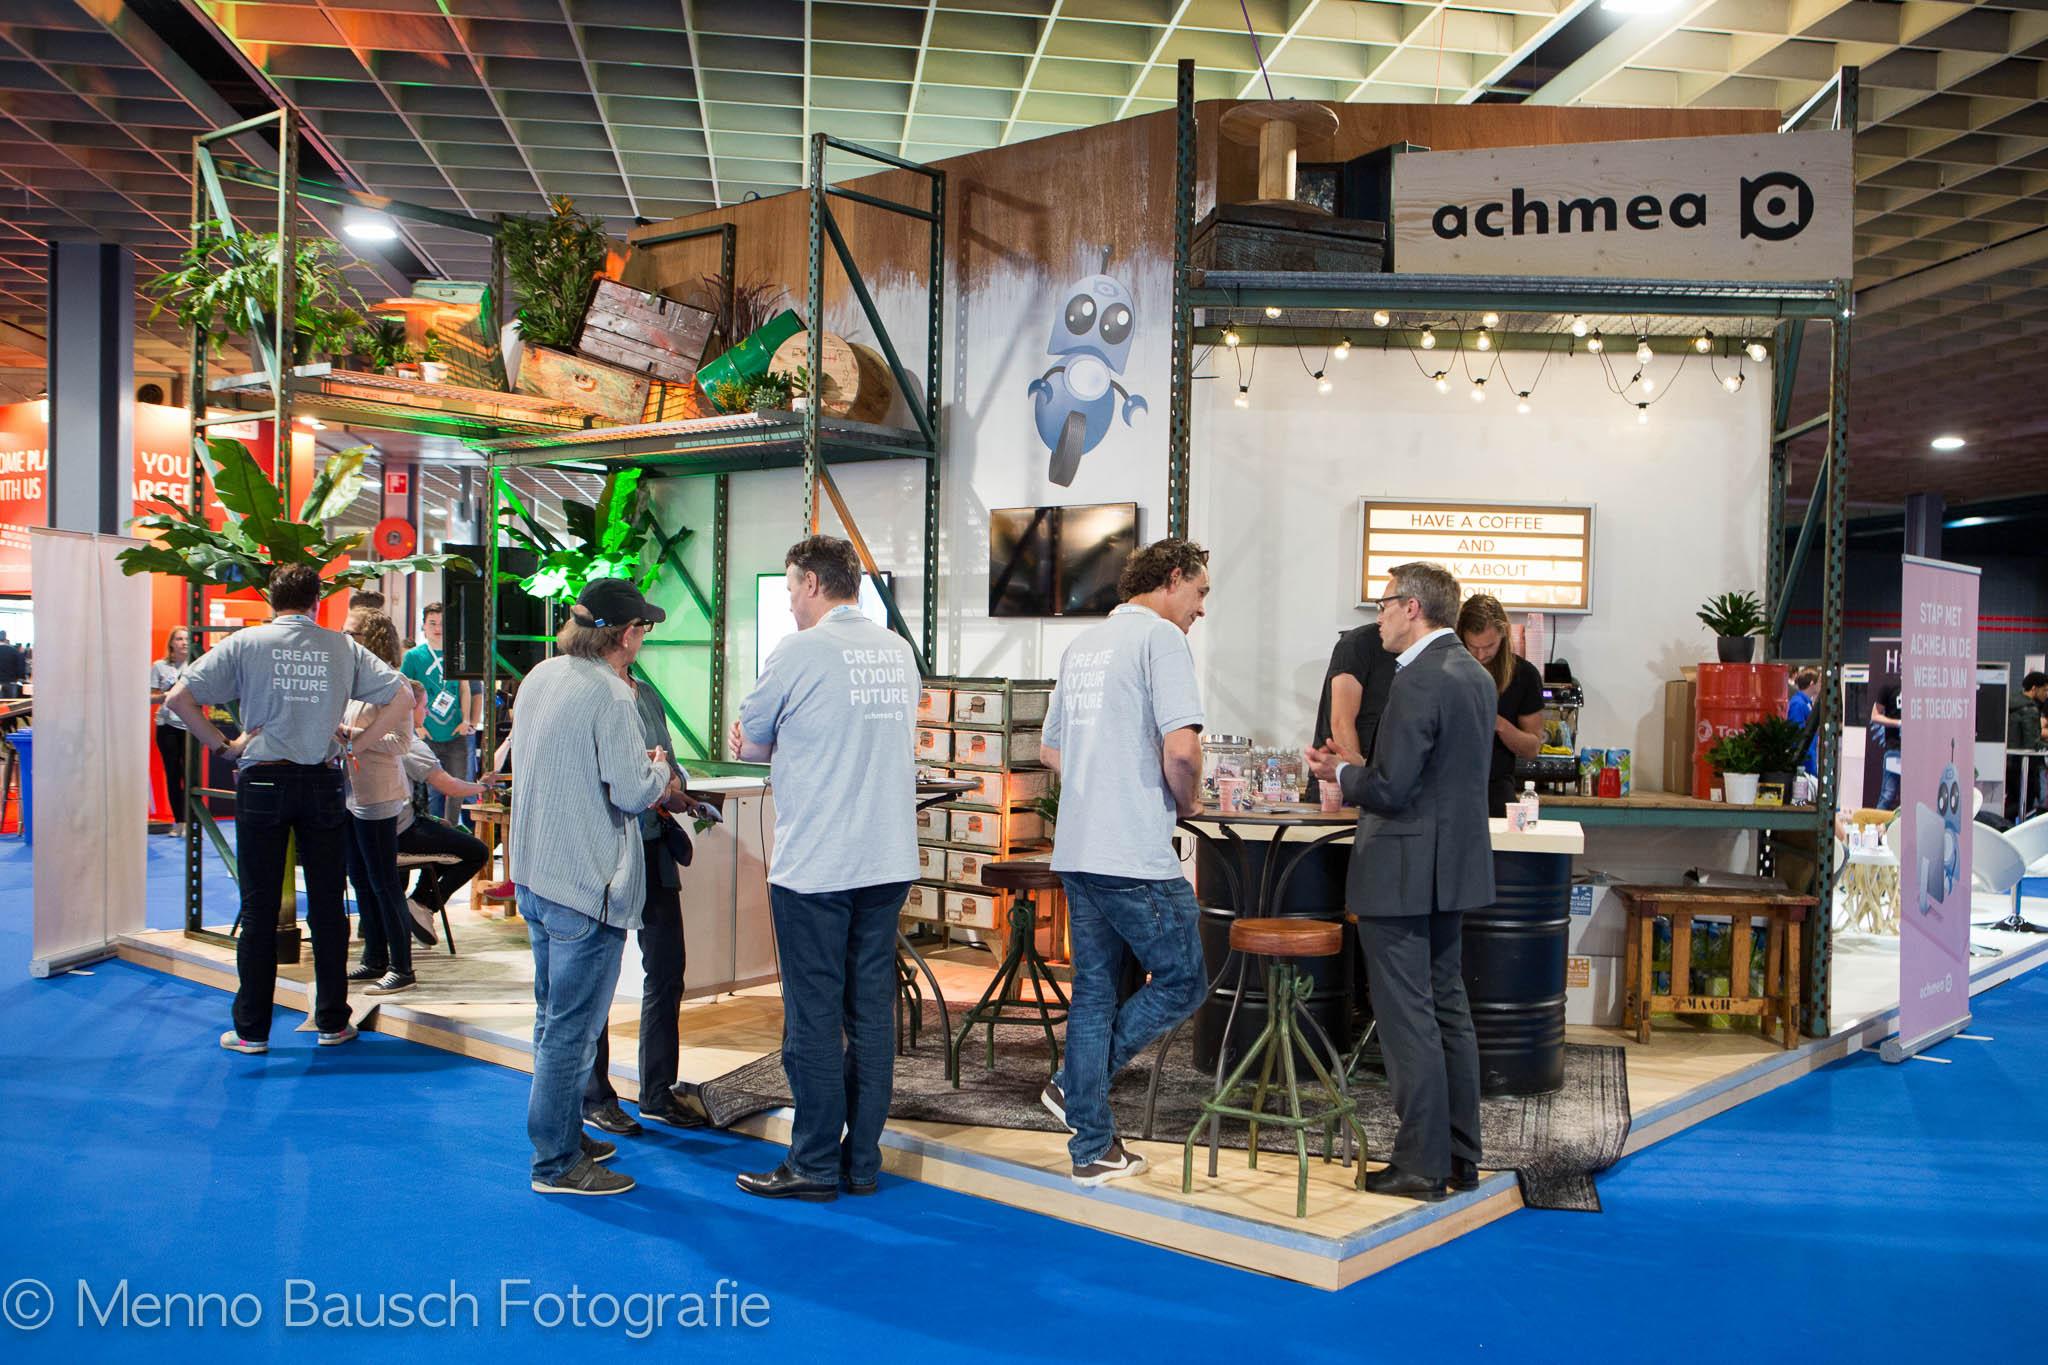 Menno-Bausch-Fotografie49-1